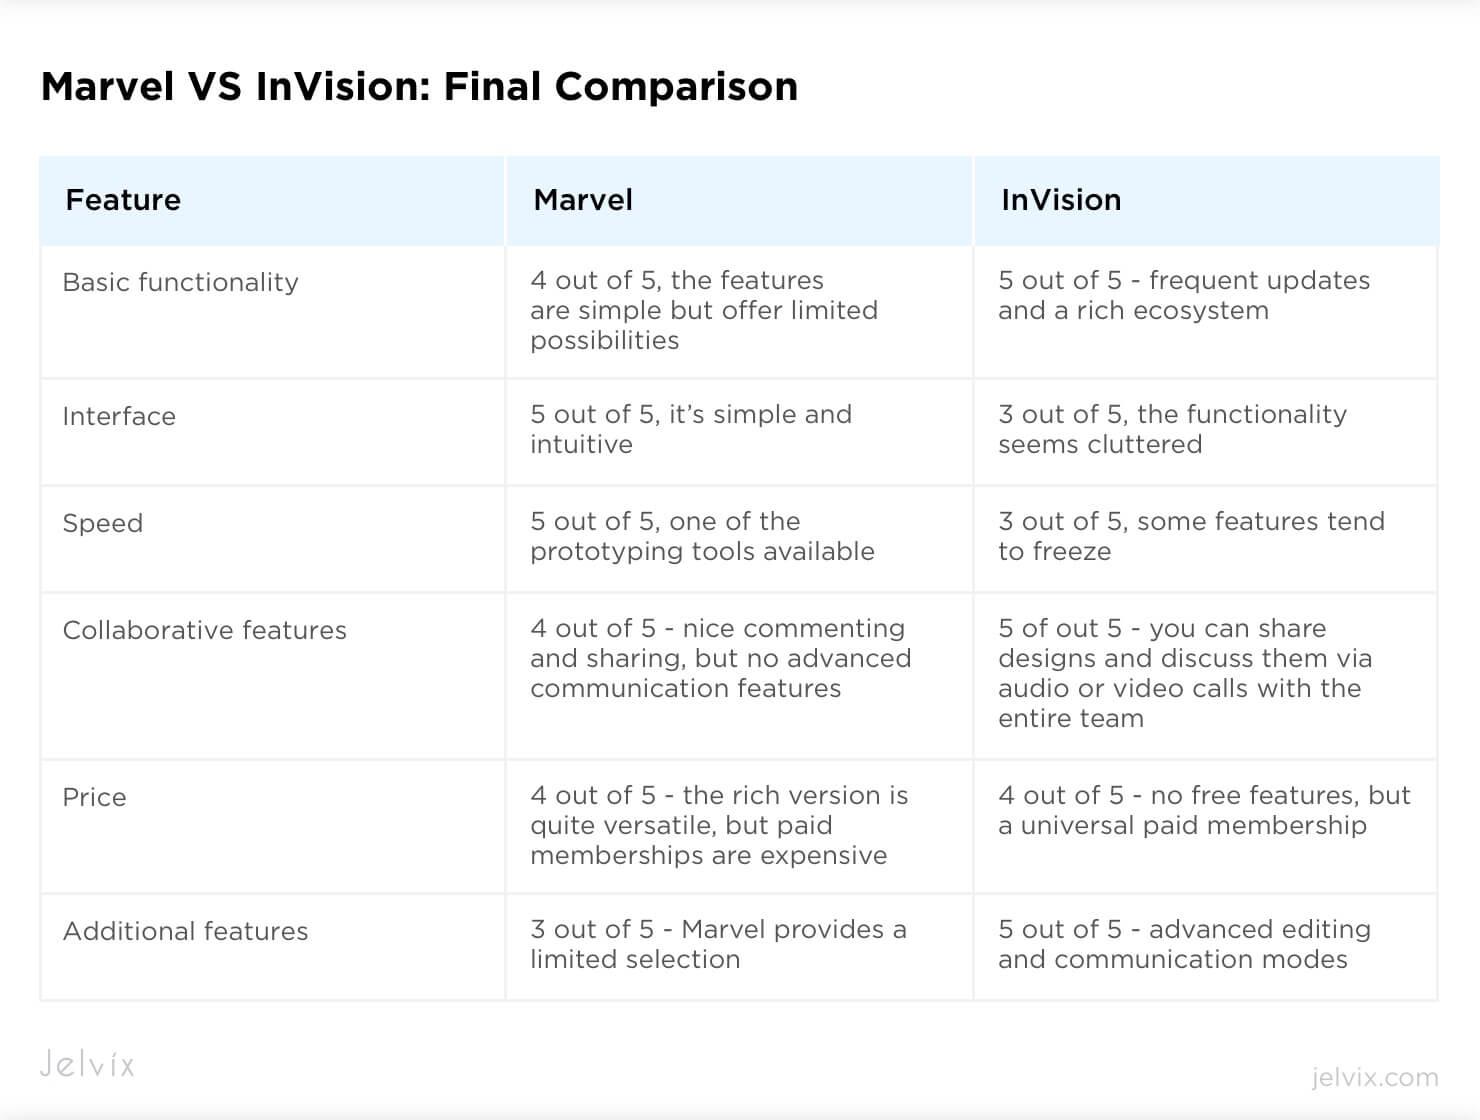 marvel vs invision comparison